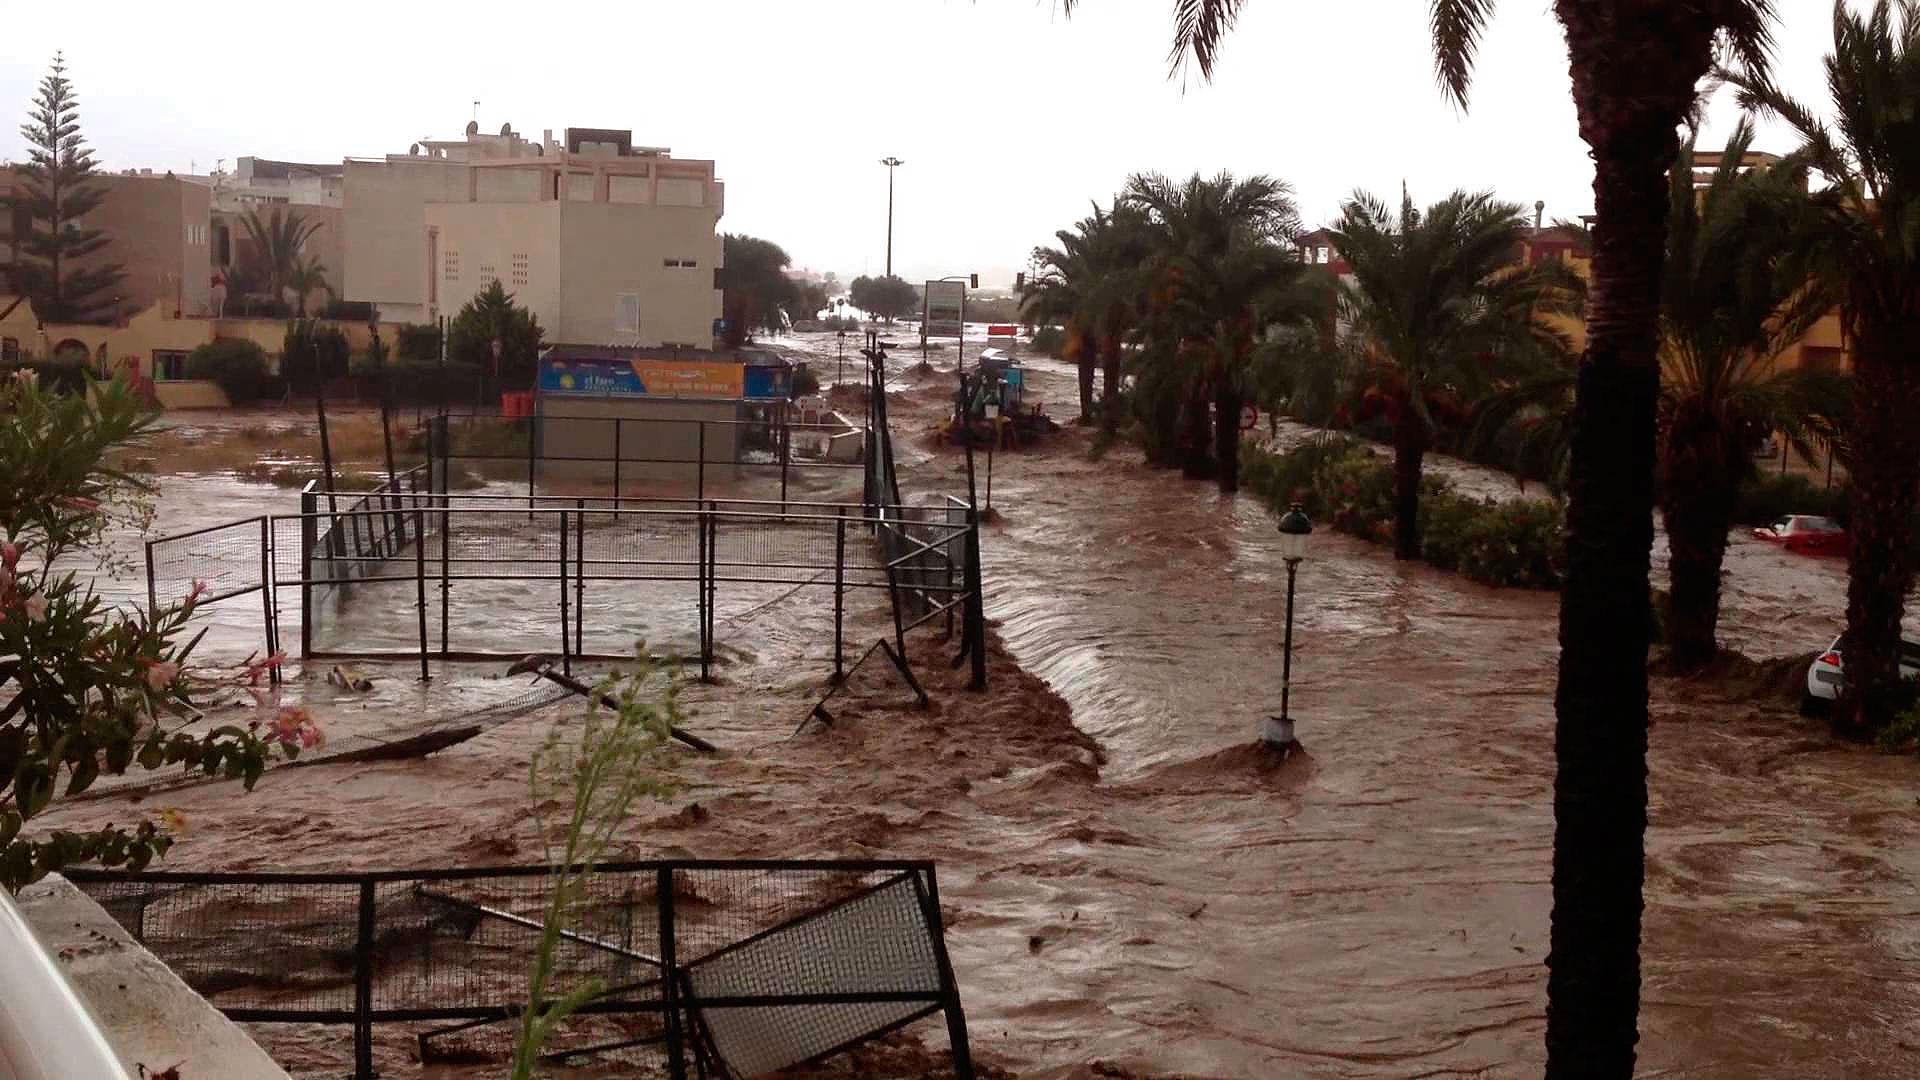 Científicos evidencian la aparición de importantes trastornos mentales tras una inundación grave